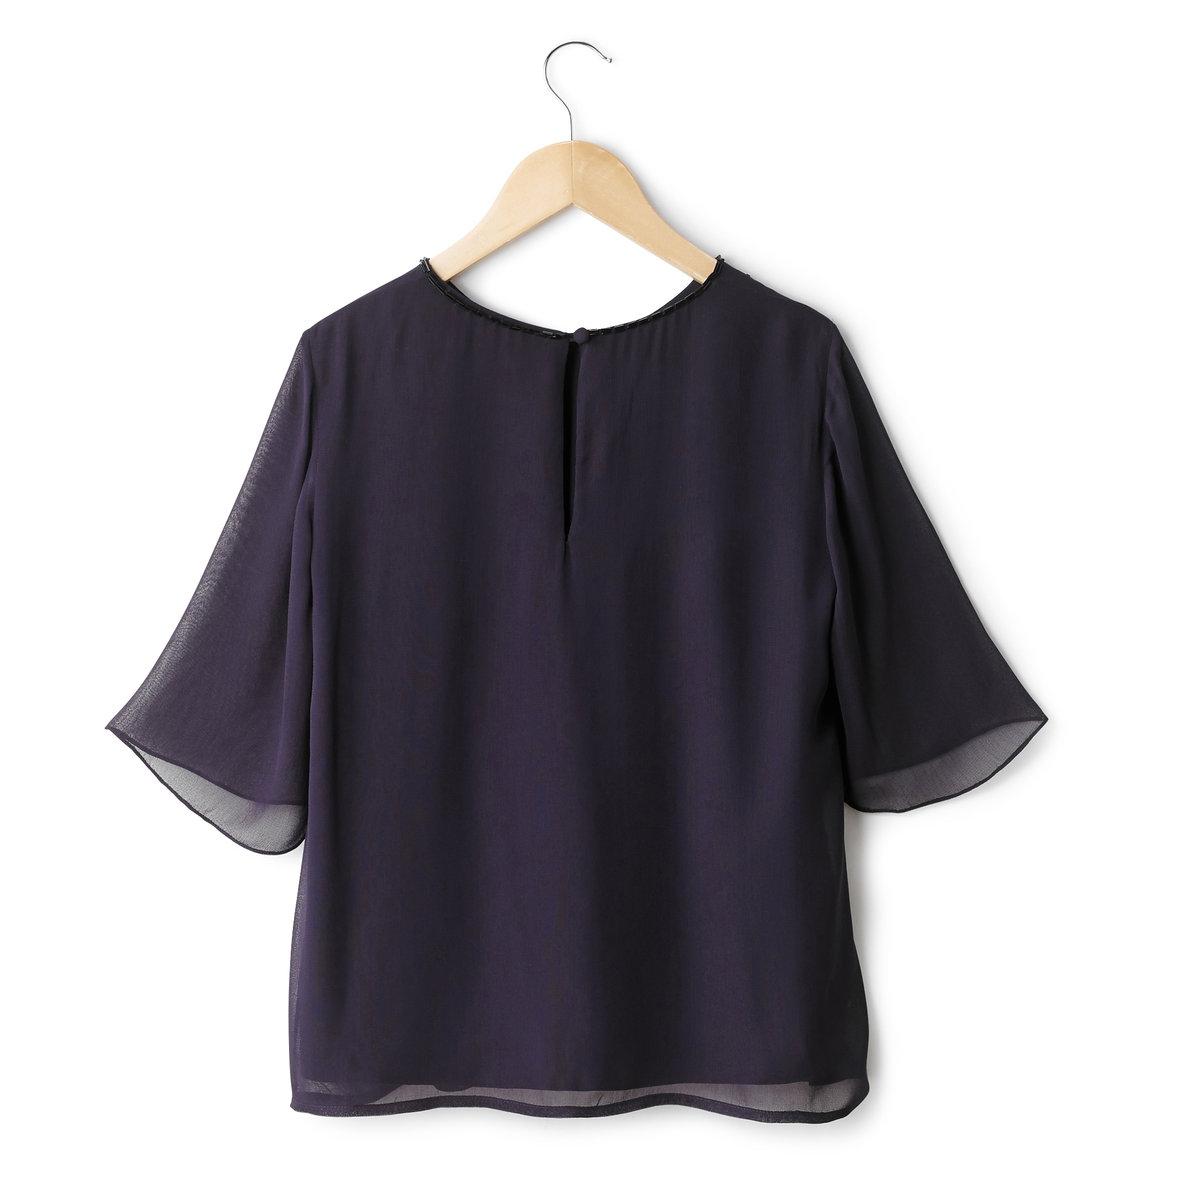 Блузка с рукавами 3/4Блузка FRENCH CONNECTION. Блузка из вуали, на подкладке, стразы и искусственный жемчуг спереди. Широкие рукава 3/4. Круглый вырез. Вырез-капелька с застежкой на 1 обтянутую пуговицу сзади.100% полиэстера.<br><br>Цвет: темно-синий<br>Размер: 38 (FR) - 44 (RUS)